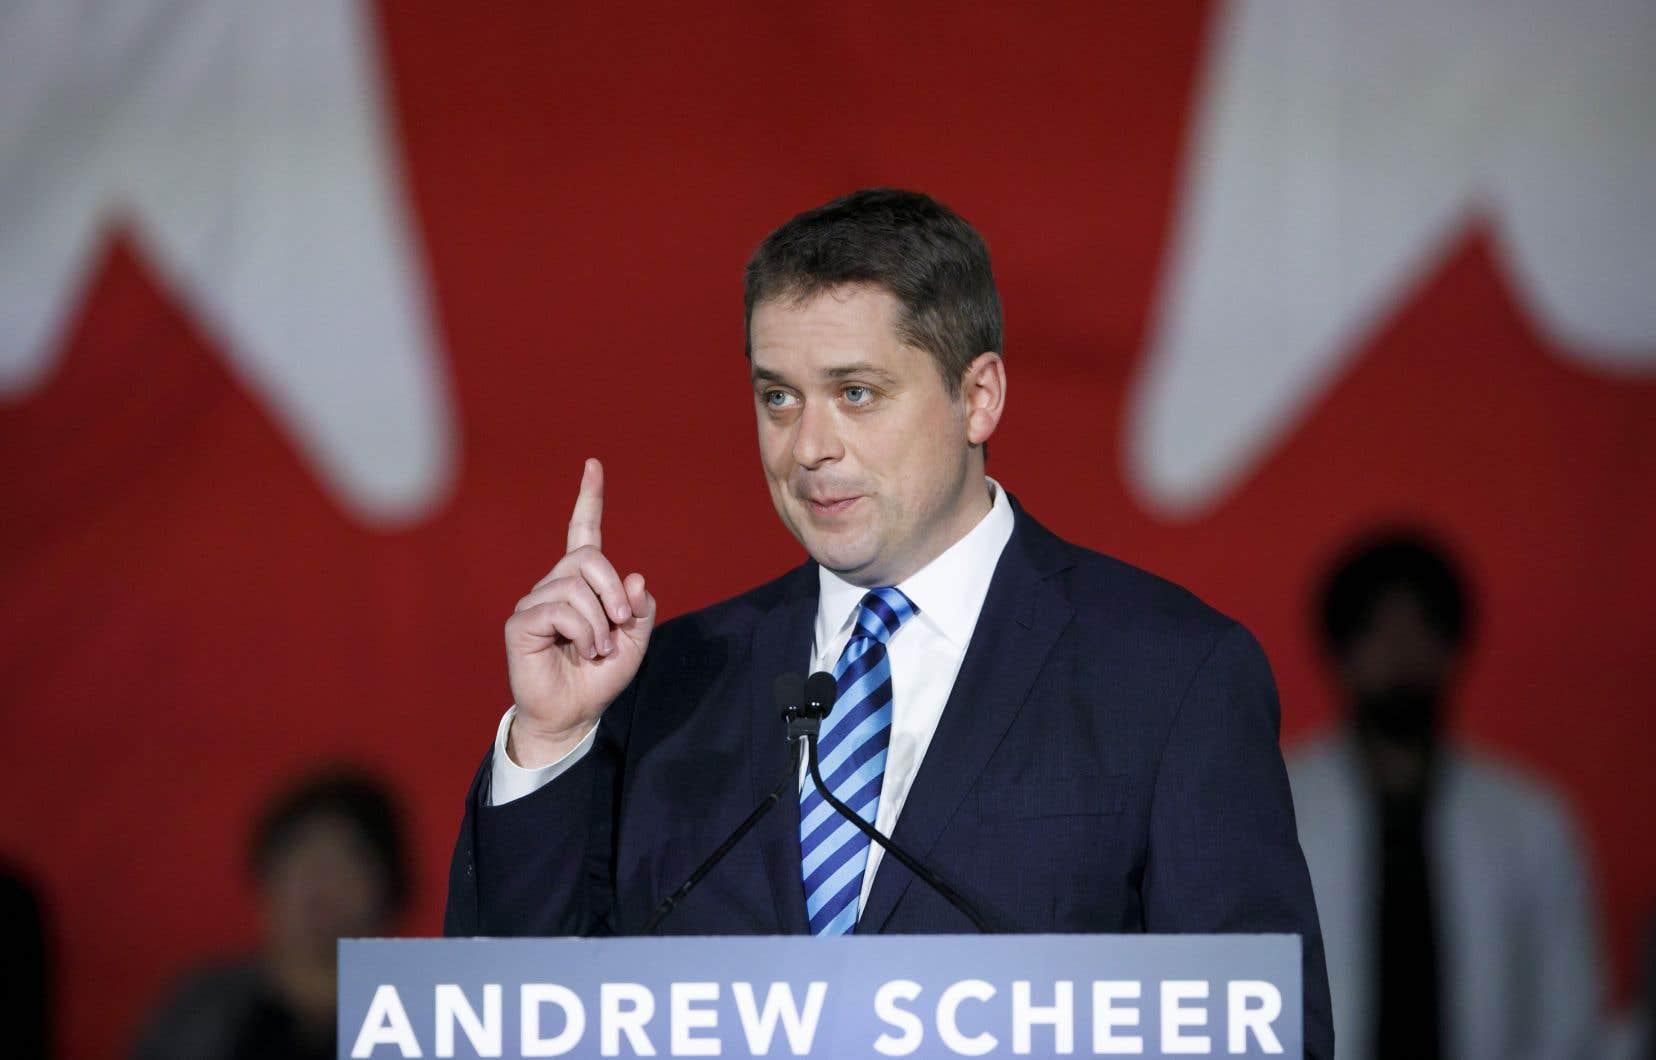 Outre le pétrole de l'ouest, le projet decorridor énergétique d'Andrew Scheerpourrait aussi permettre l'exportation d'hydroélectricité.